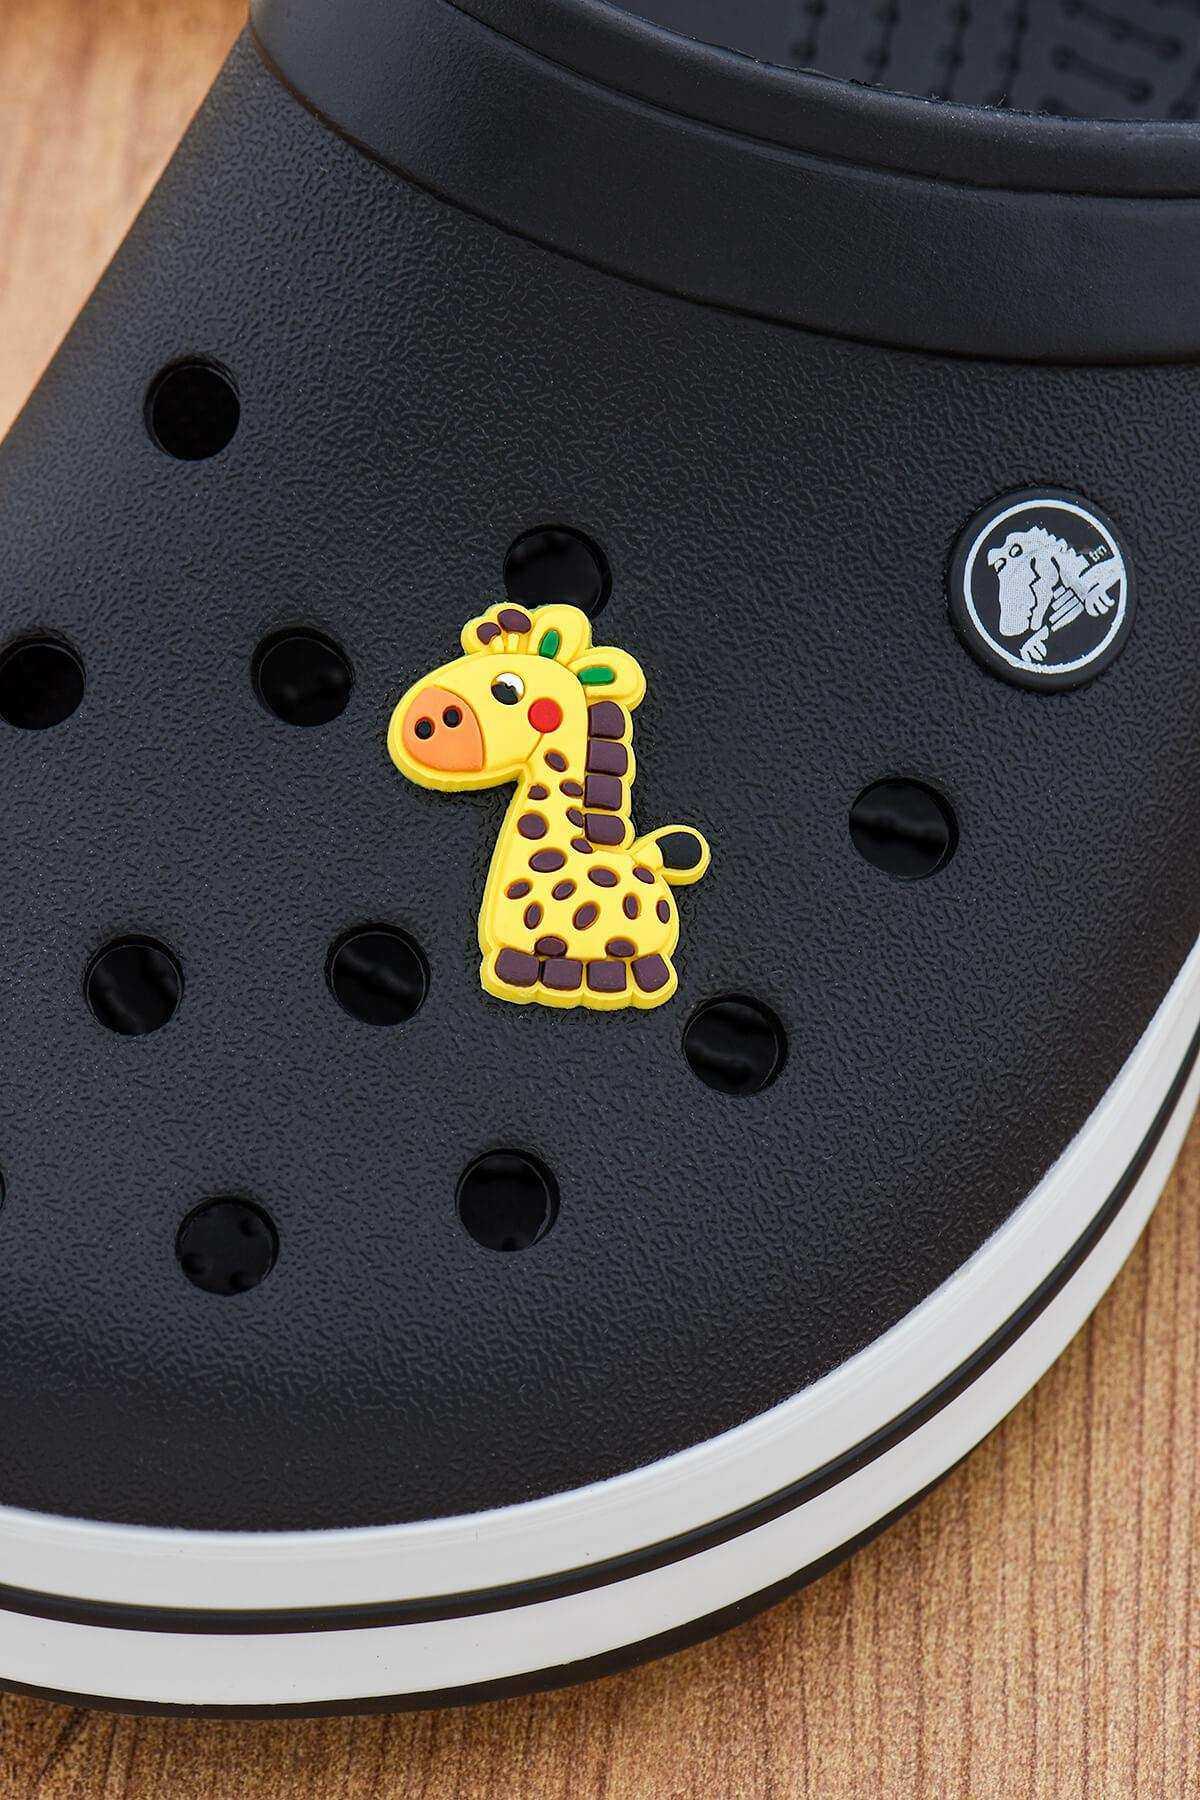 Zürafa Jibbitz Crocs Süsü Bileklik Terlik Süsü Charm Terlik Aksesuarı - CRS0119